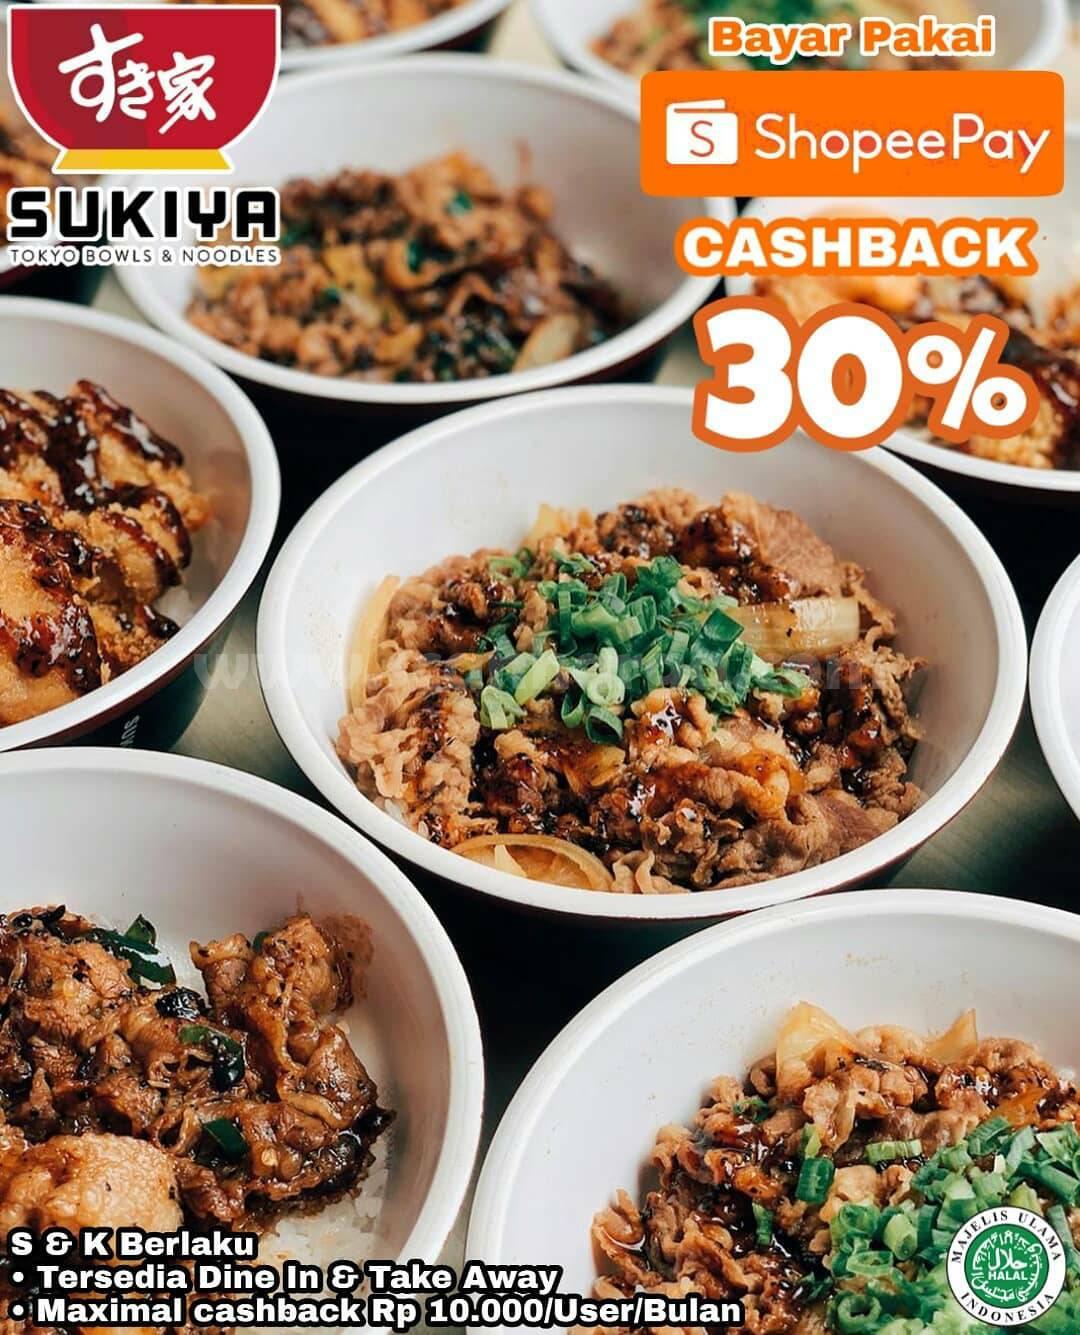 Promo Sukiya Diskon 30% Bayar Pakai ShopeePay